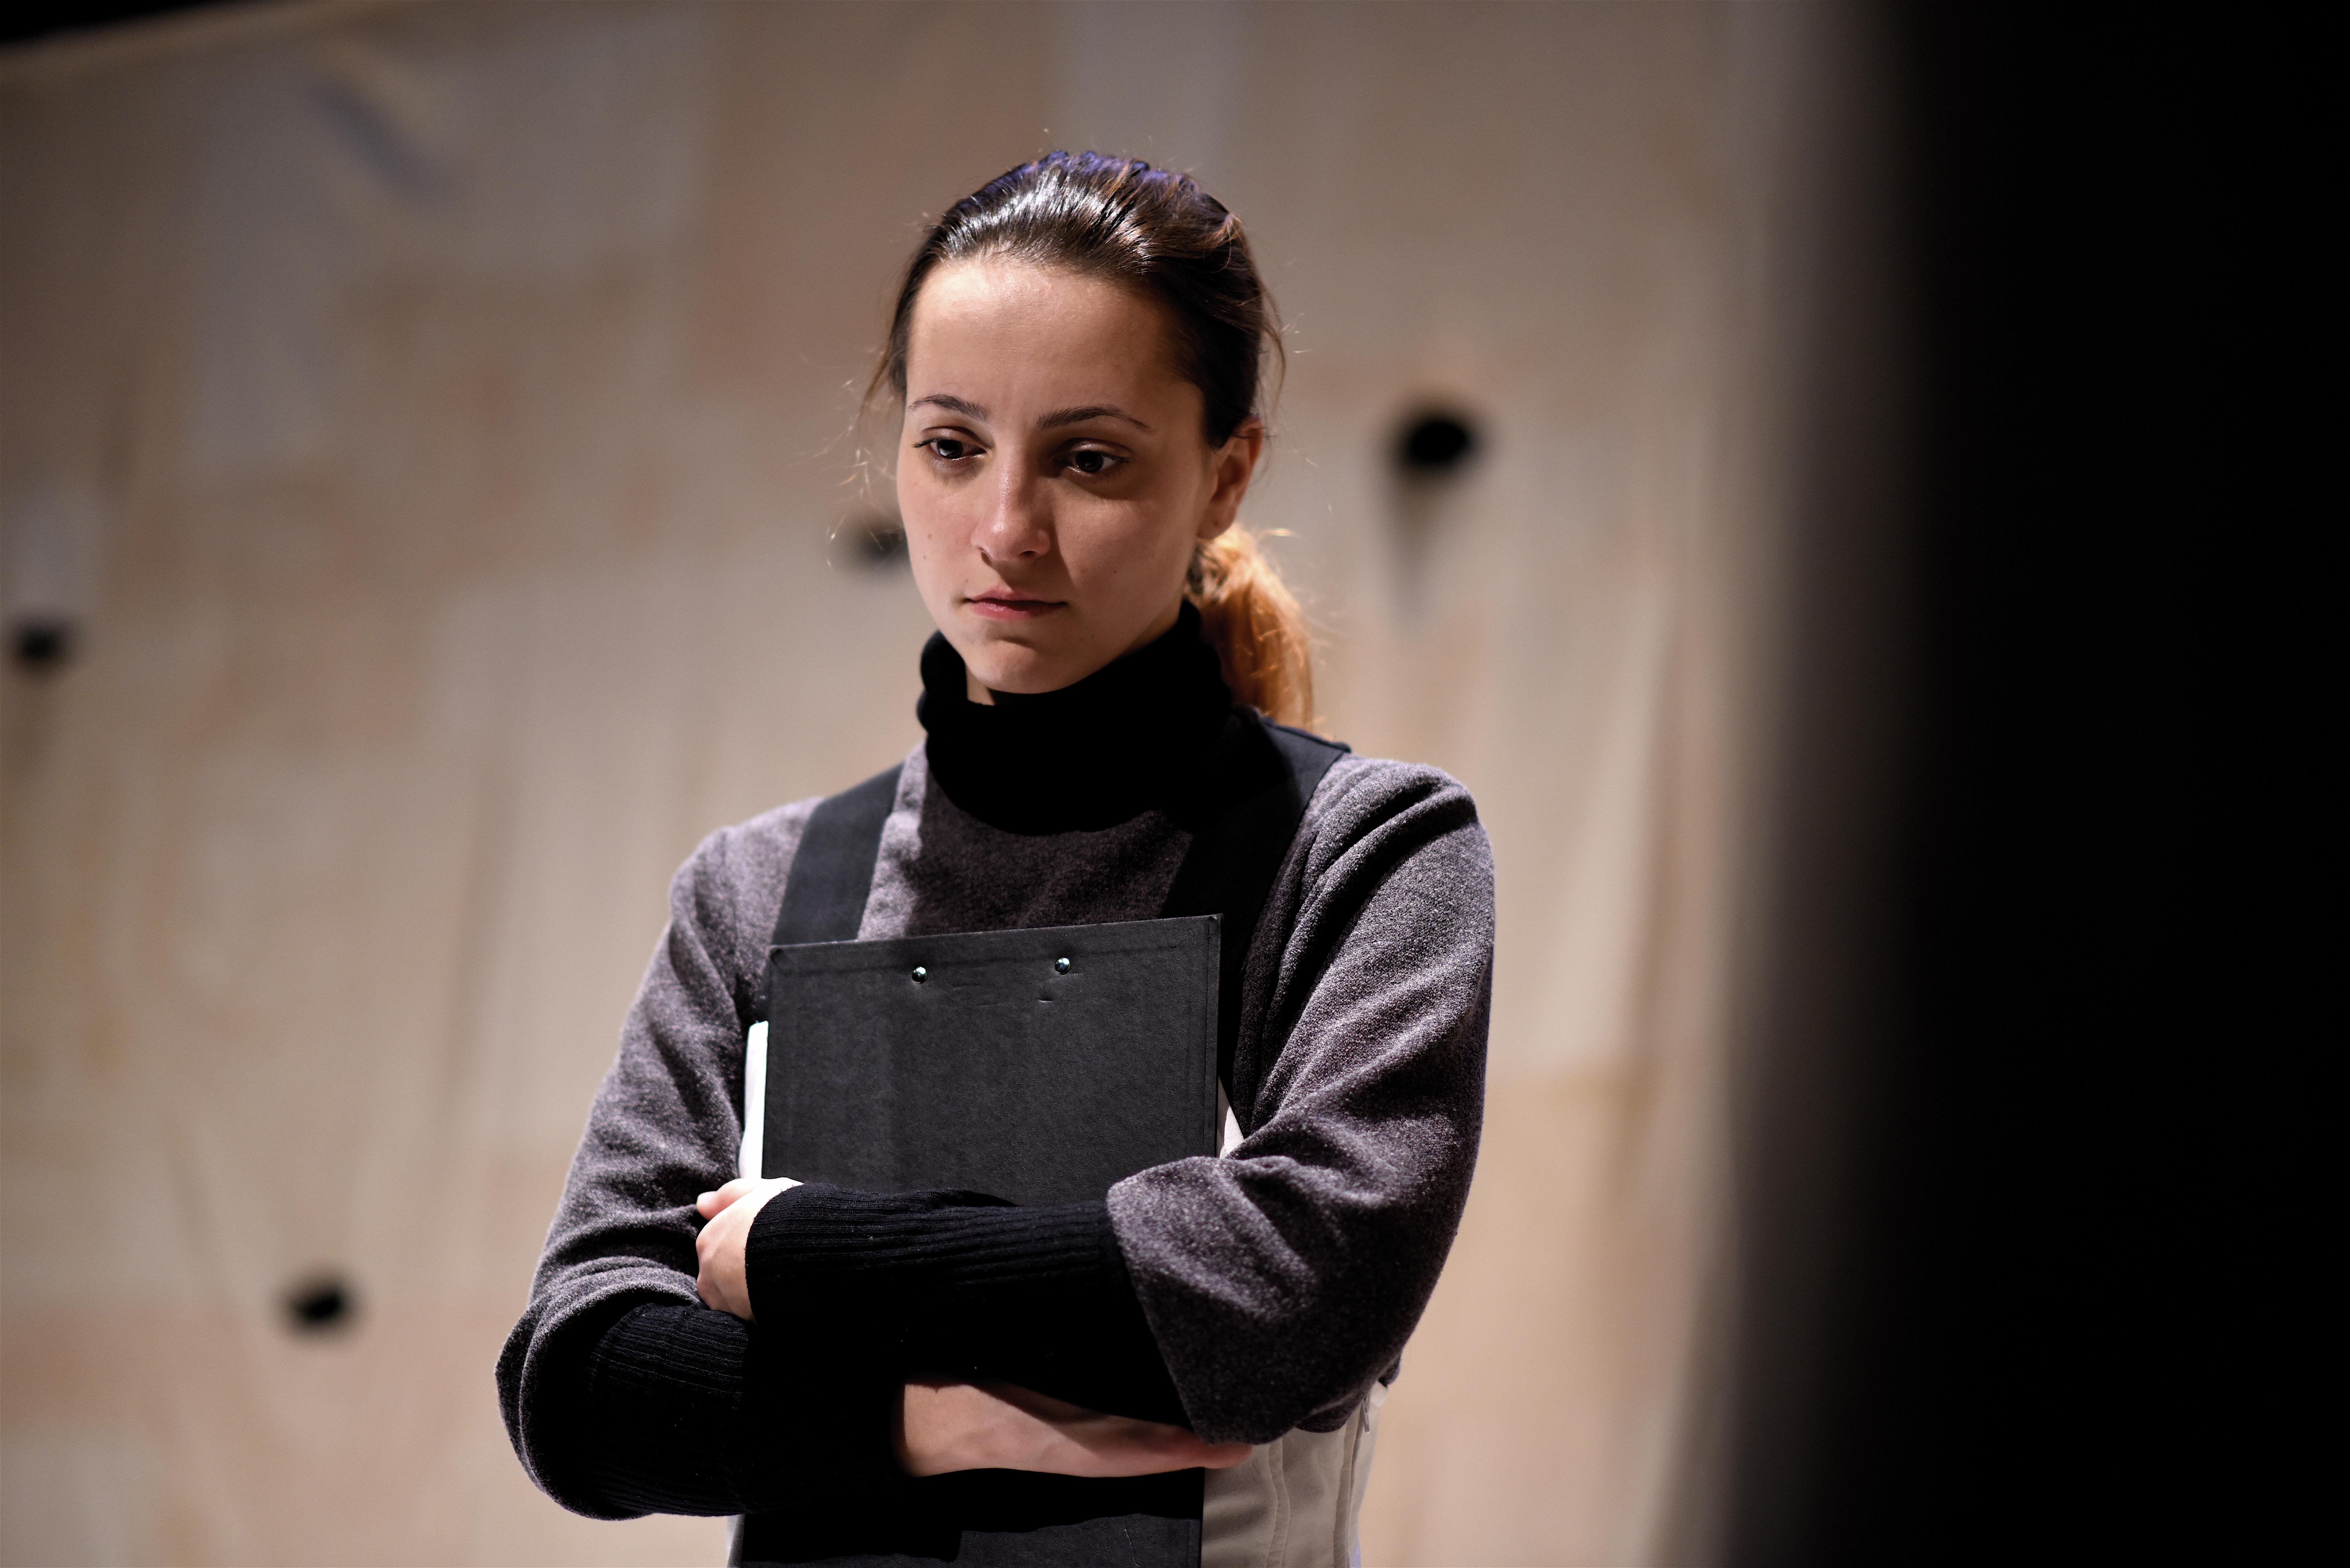 Petra Horváthová